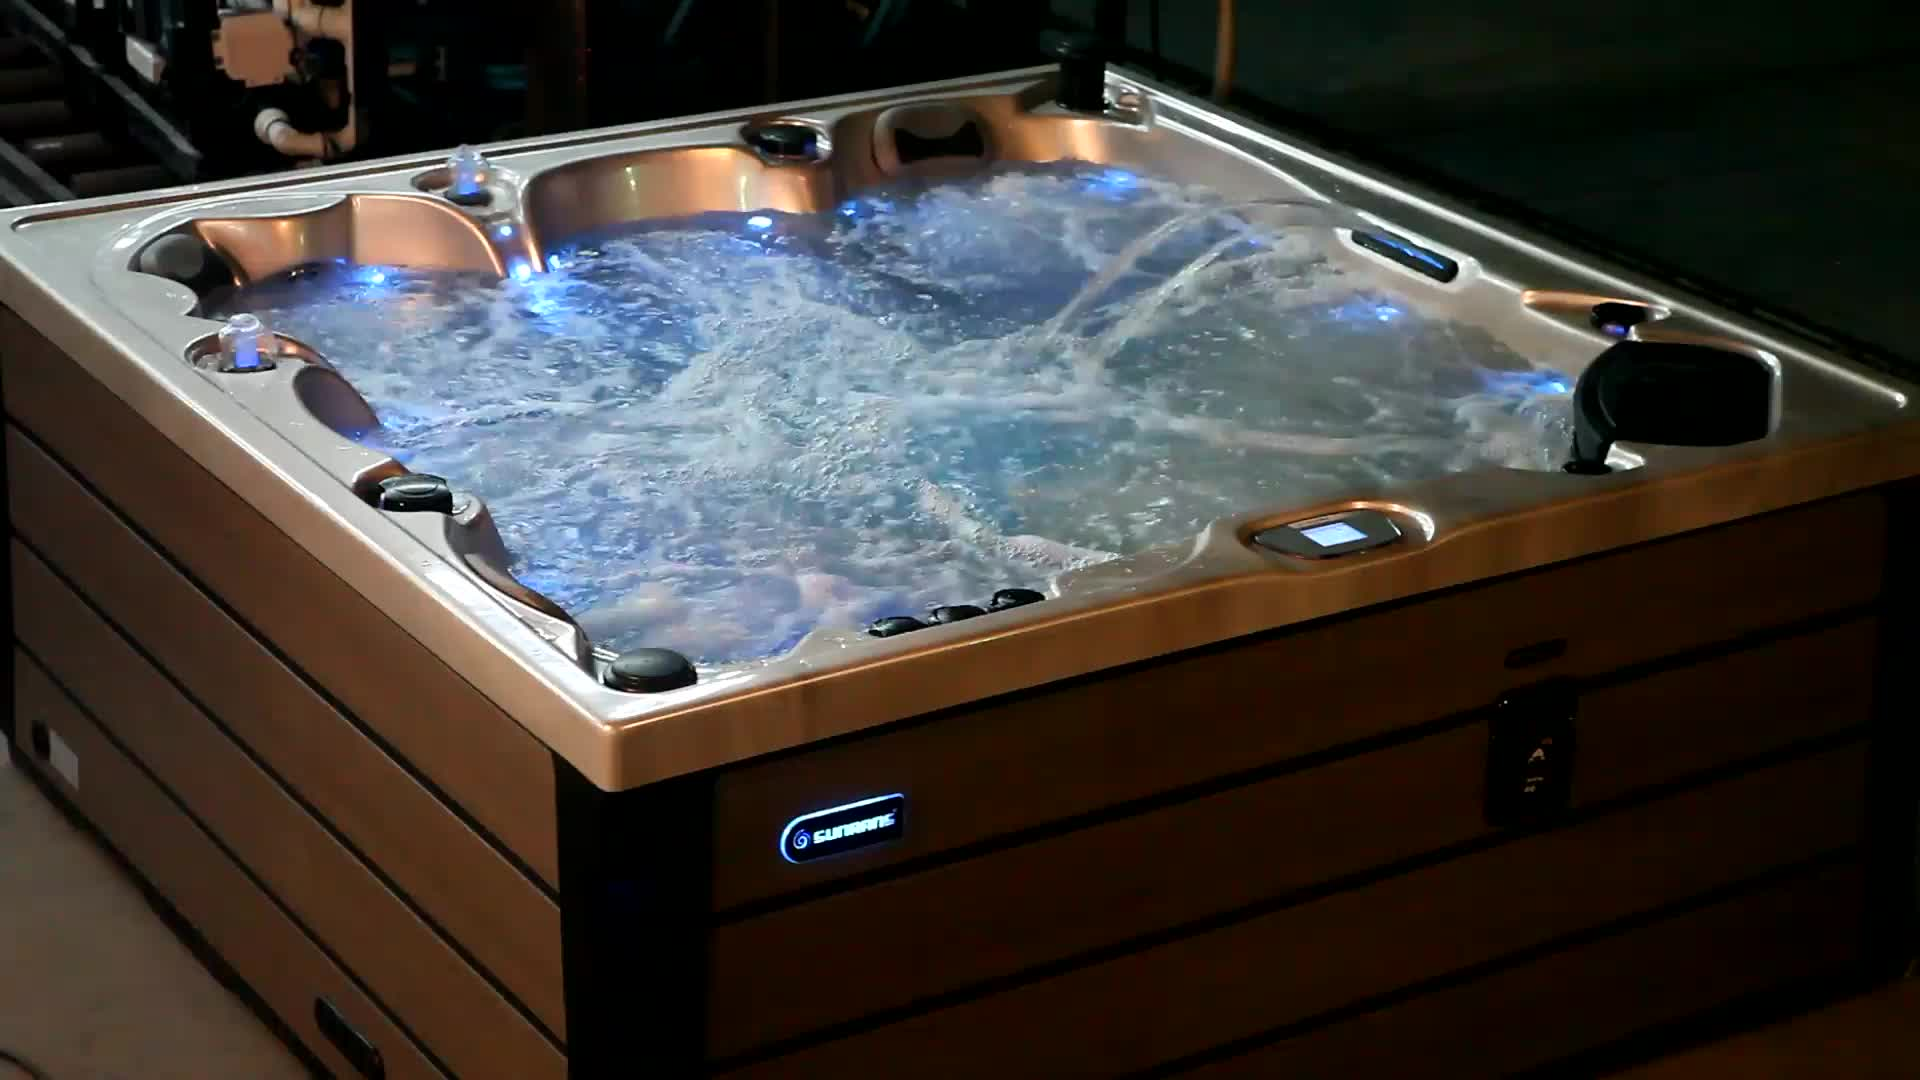 Sunrans New Acrylic spa balboa hệ thống hot bồn tắm xoáy nước ngoài trời massage spa